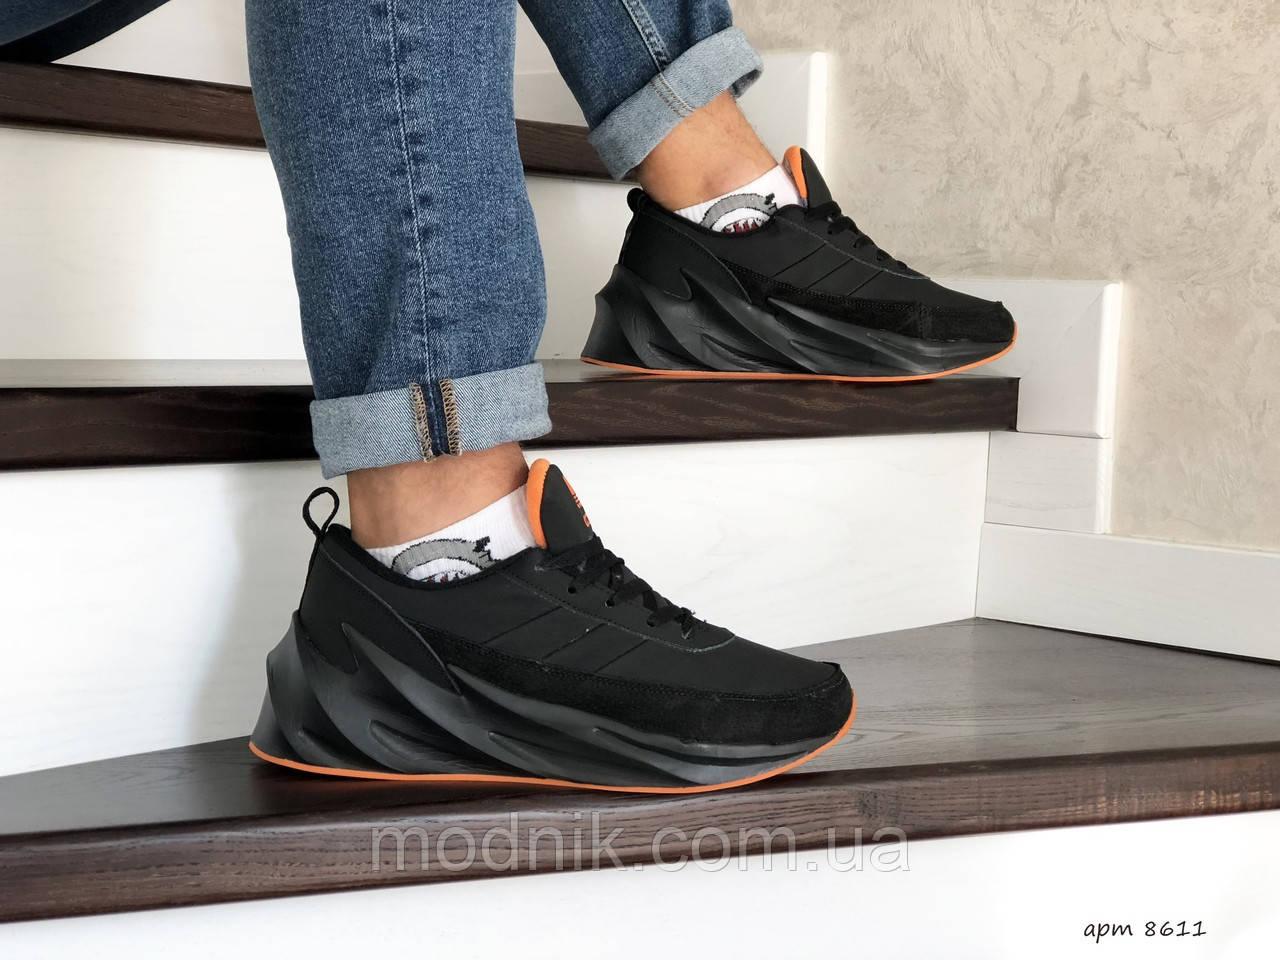 Мужские кроссовки Adidas Sharks (черно-оранжевые) Зима